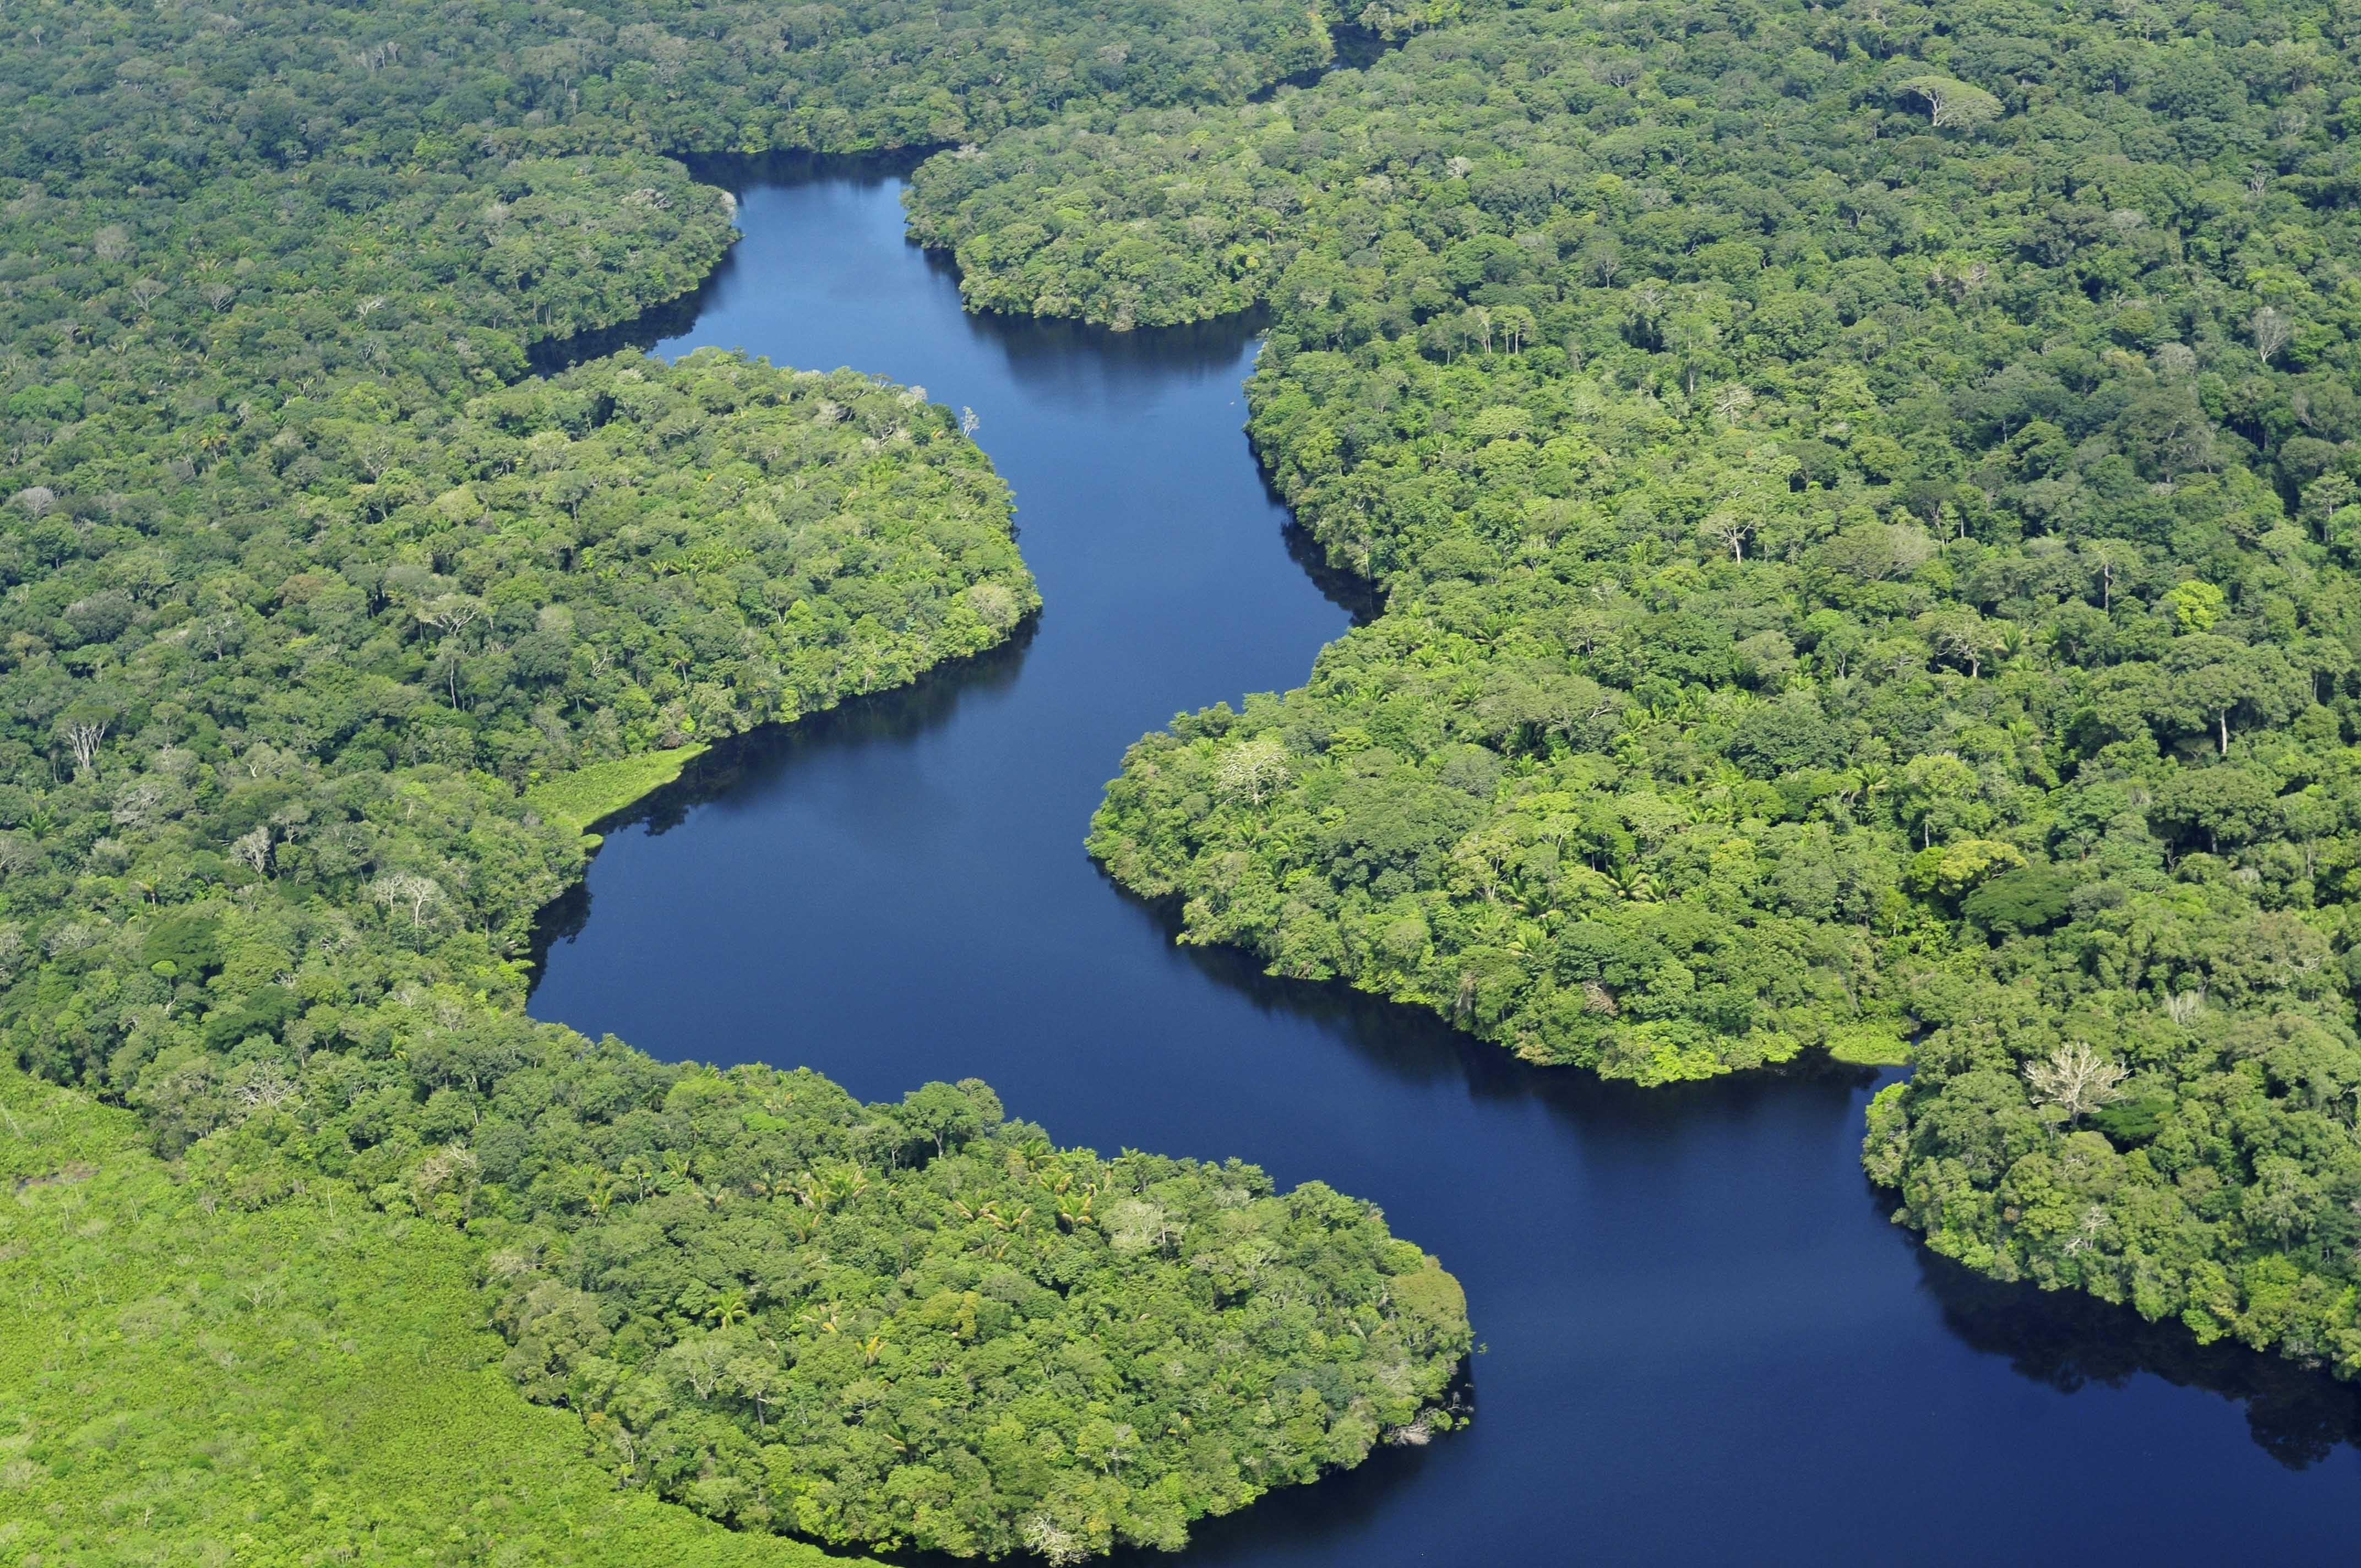 Cerca de um quinto do total de espécies do mundo está no Brasil (Foto: Wikimedia Commons)